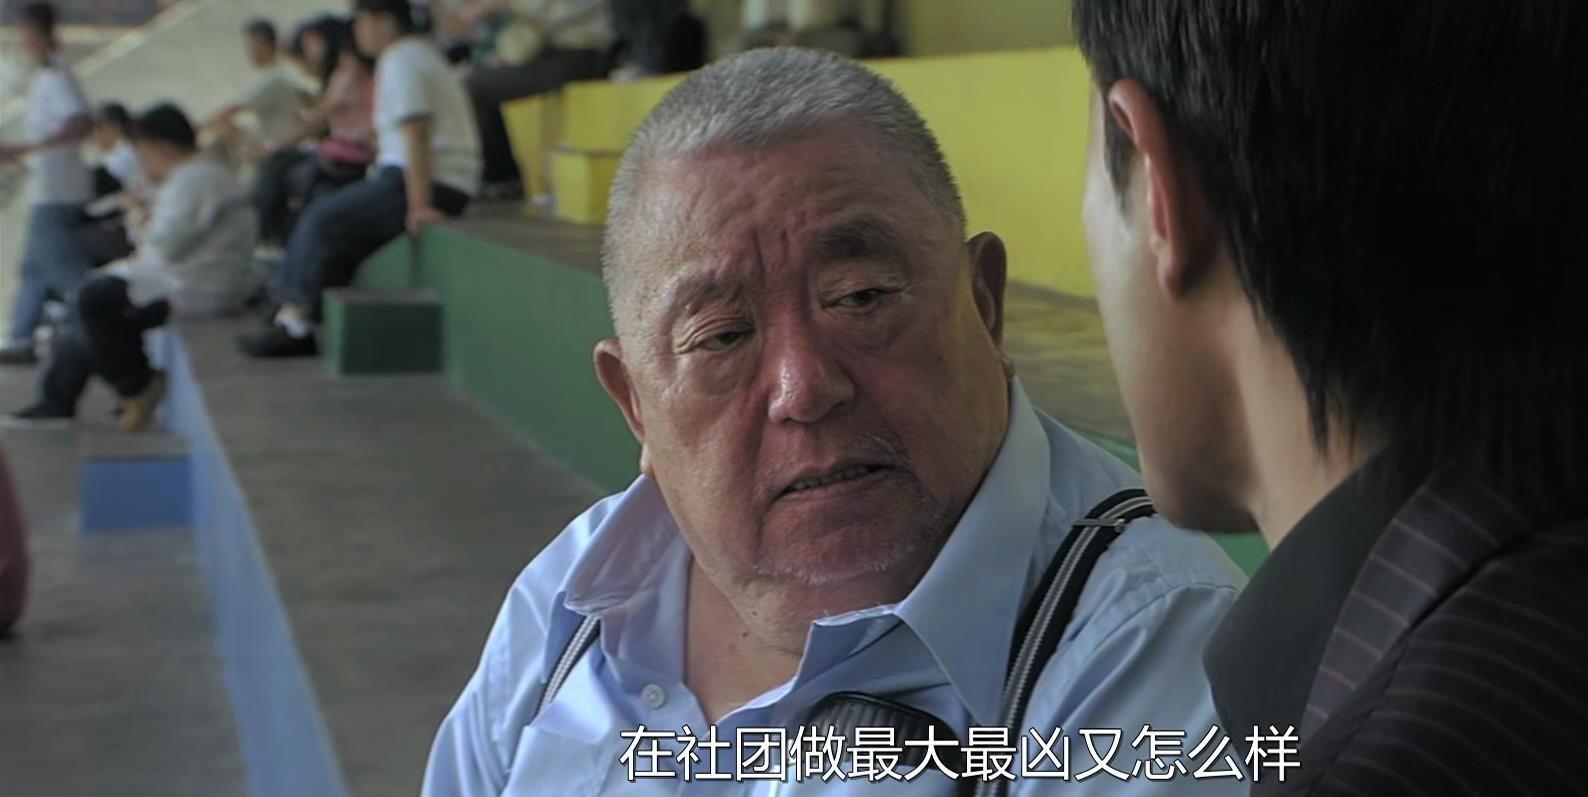 最新娱乐八卦新闻_杜琪峰影戏《黑社会》深度解读:石大人为什么选择支持吉米?